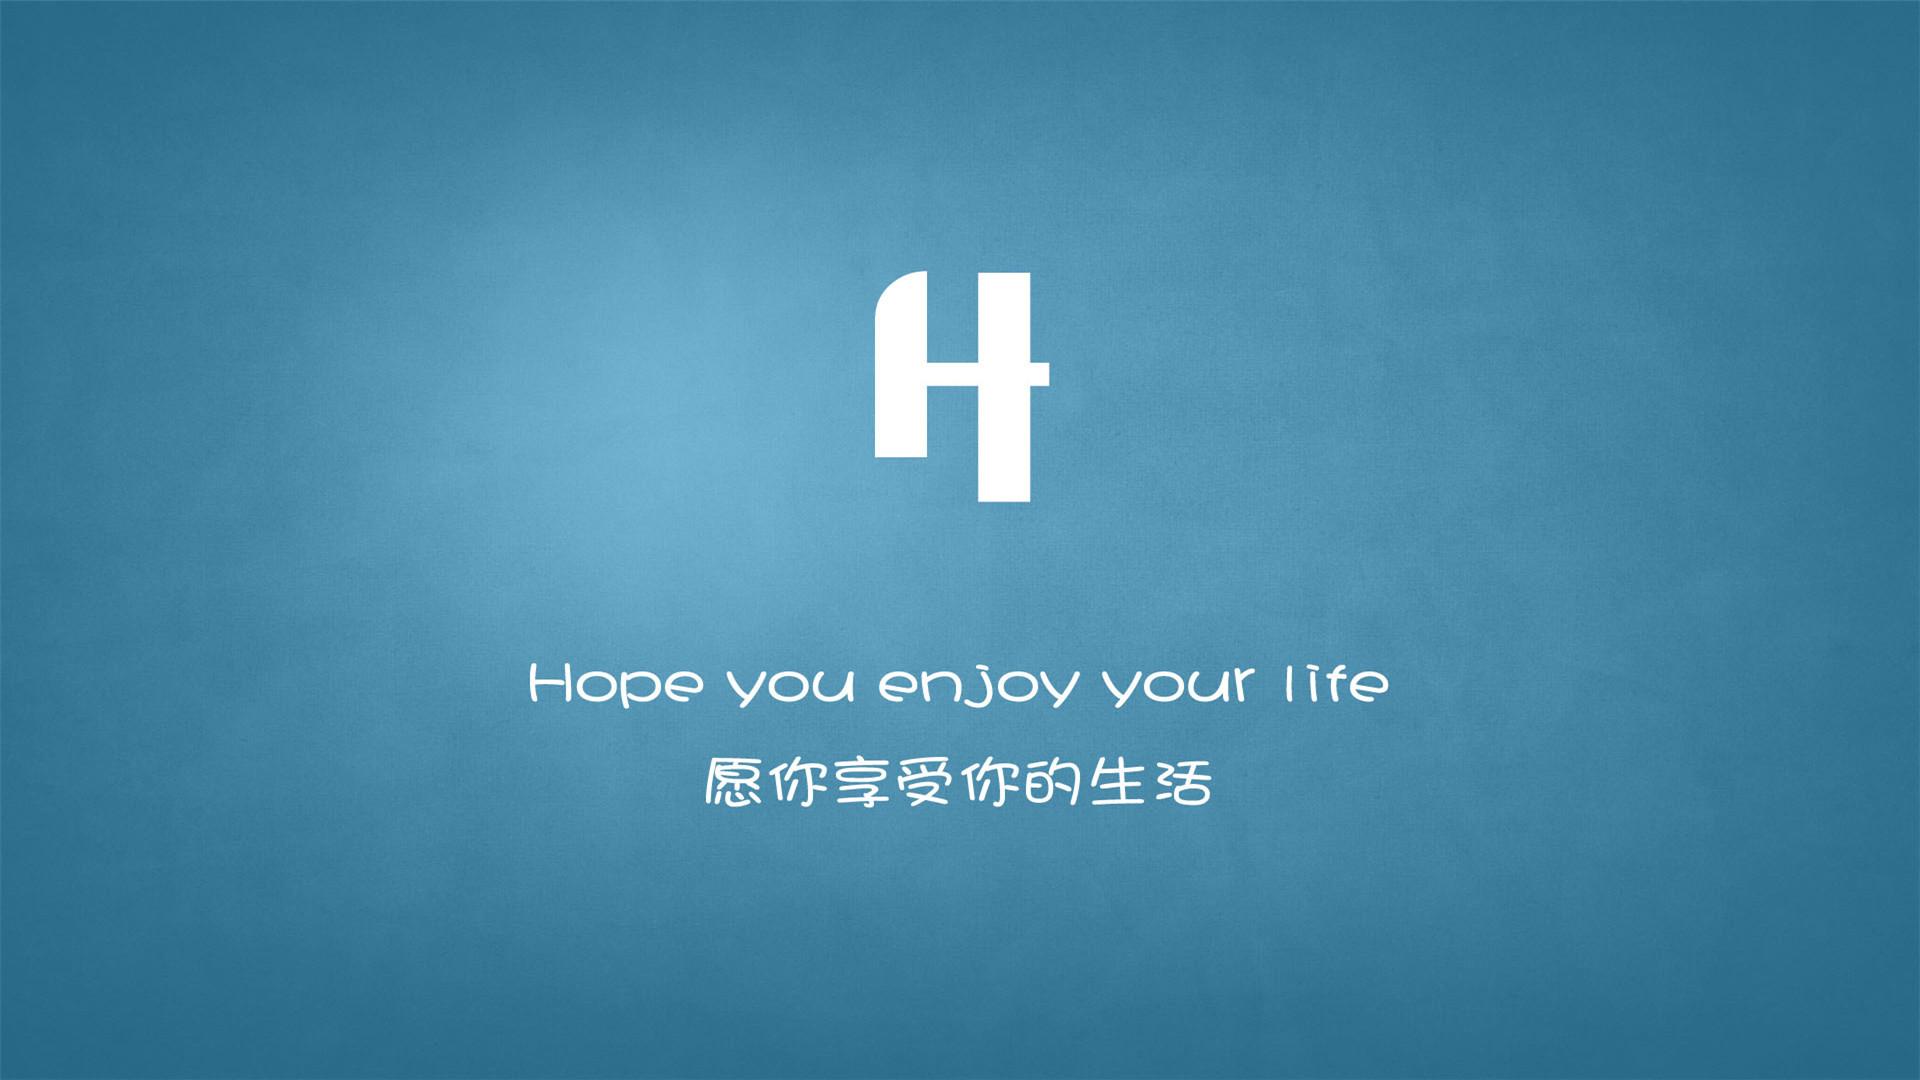 英文字母的爱情故事HPPT背景图片免费下载是由PPT宝藏(www.pptbz.com)会员zengmin上传推荐的简约PPT背景图片, 更新时间为2017-01-21,素材编号120618。 H, h 是拉丁字母中的第8个字母。由希腊字母演变而成。 闪族语字母ח(Ħêt)可能表示音位/χ/(咽部辅音摩擦音,国际音标为[ħ])。这个字母的形式可能表示一个篱笆。在早期的希腊语中H表示/h/,但是后来,Η或η(Êta)表示了/E:/